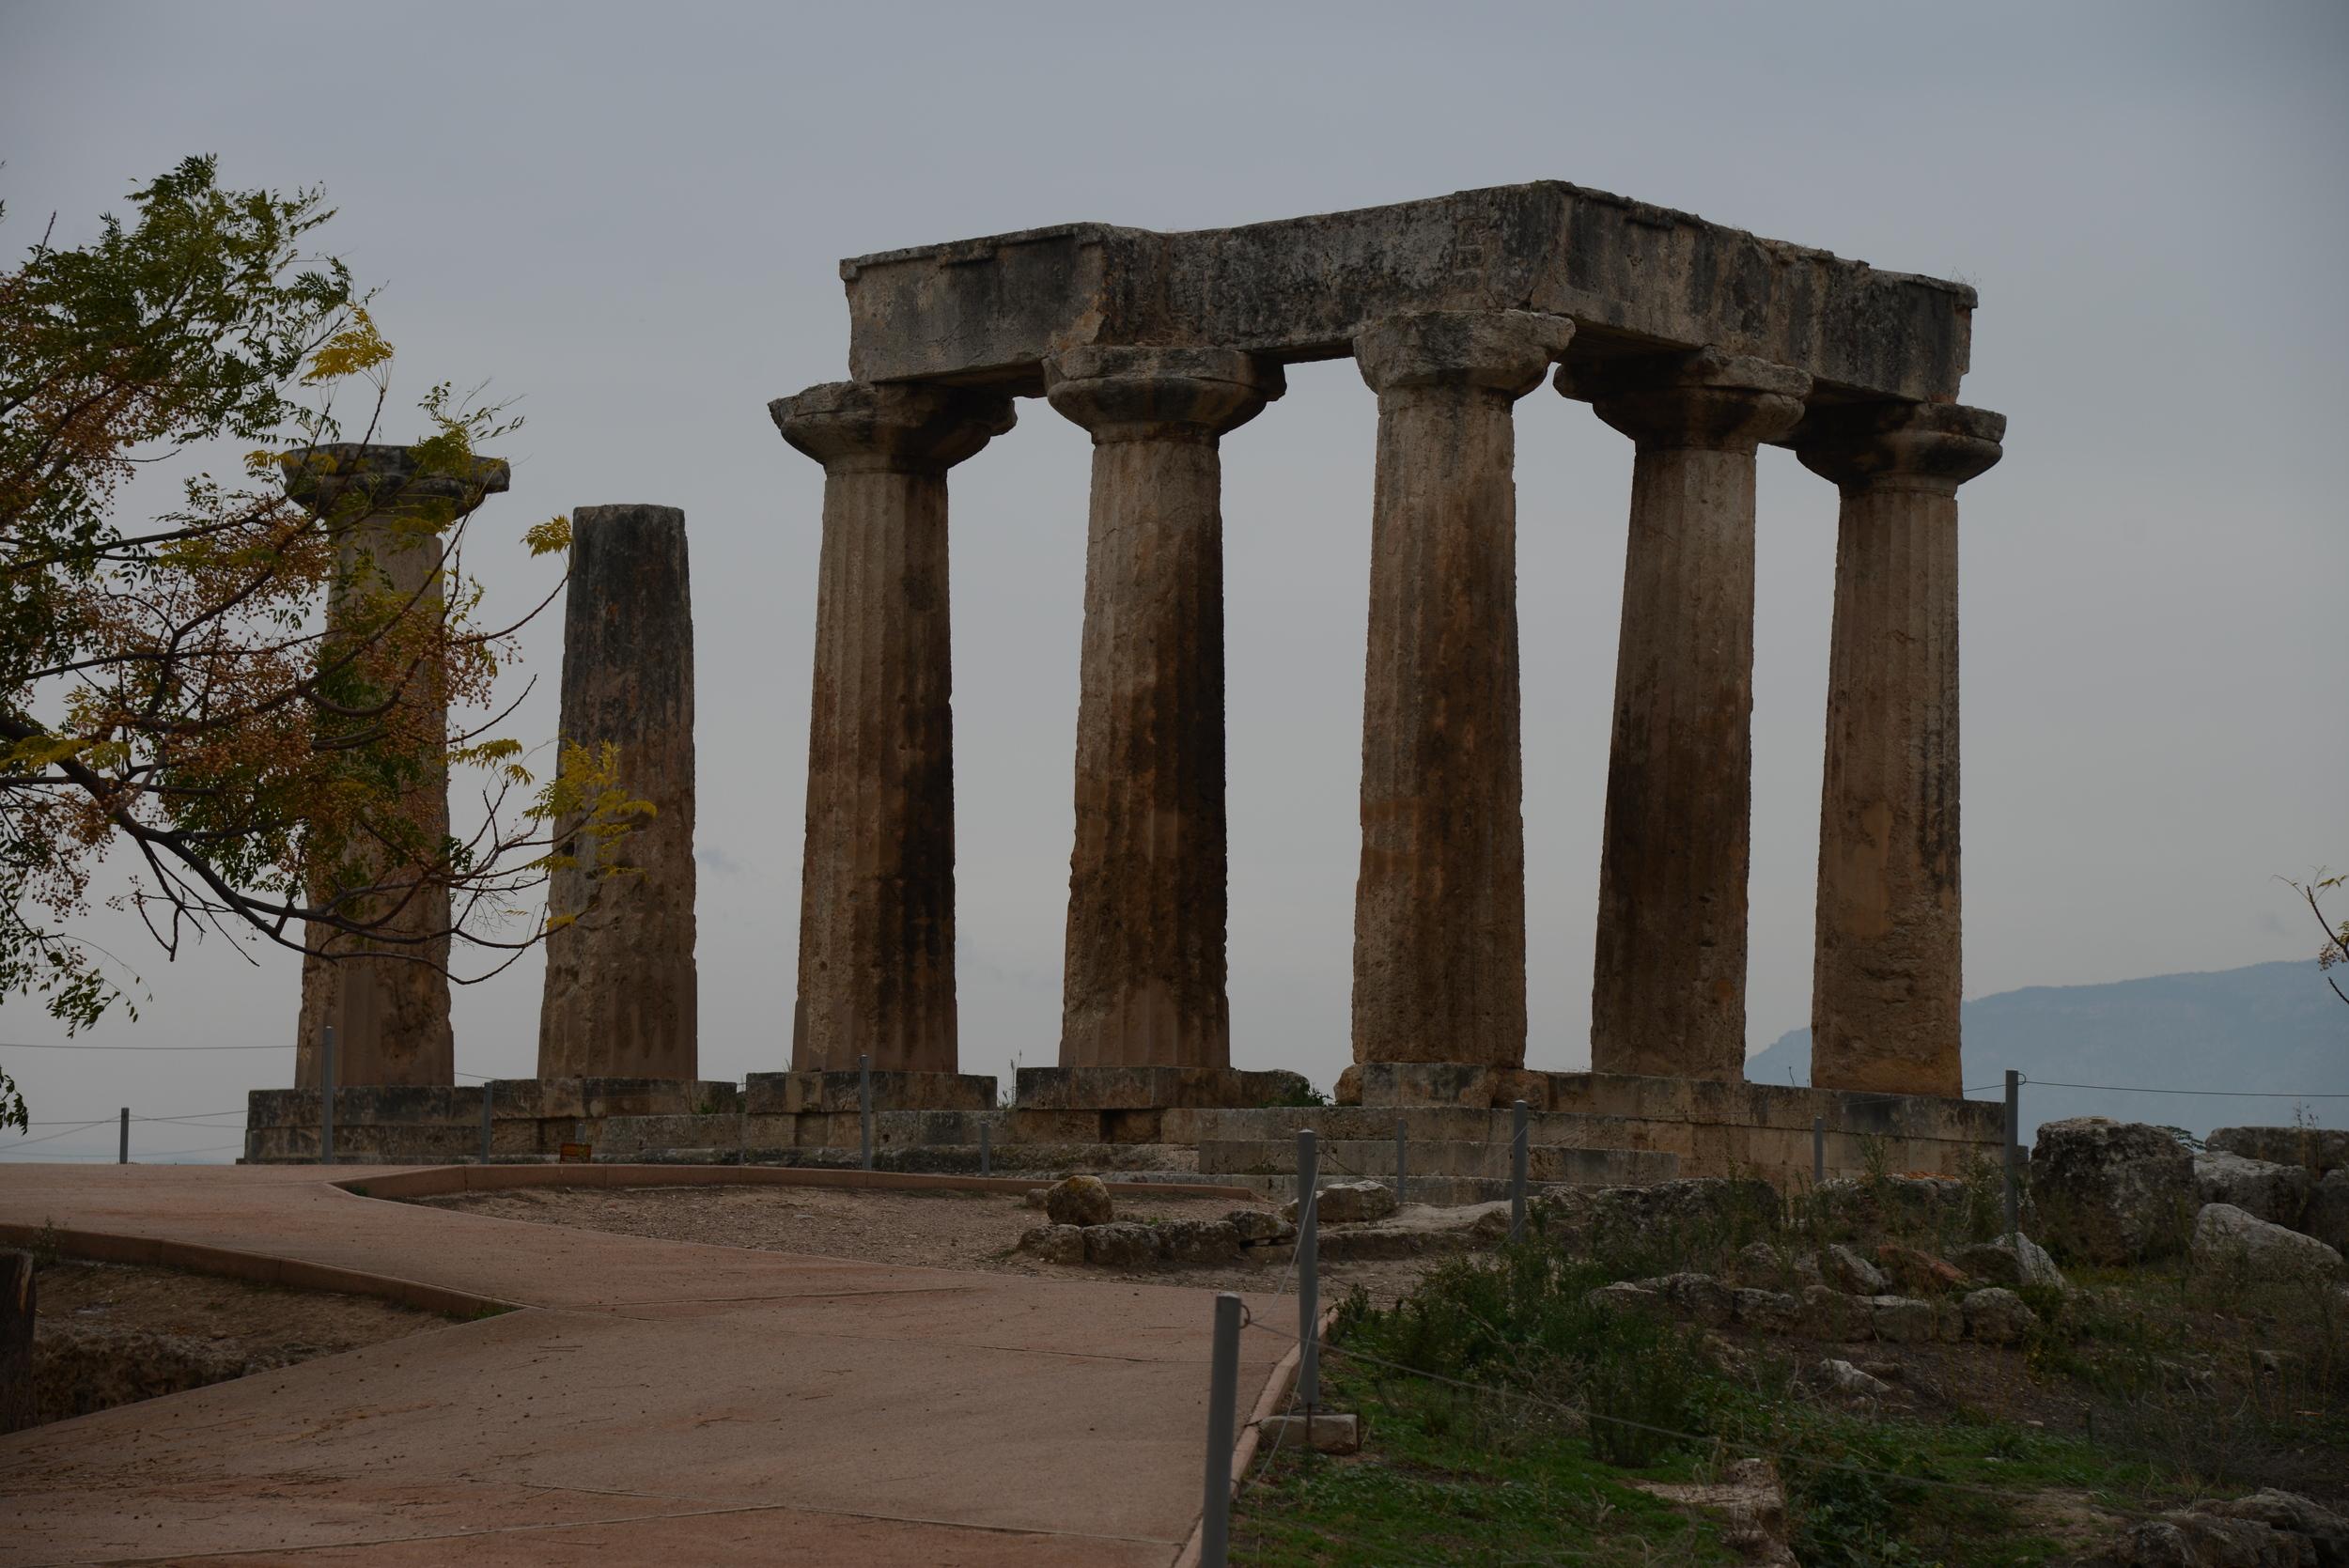 Temple of Apollo, Corinth, Greece, Nov 2014